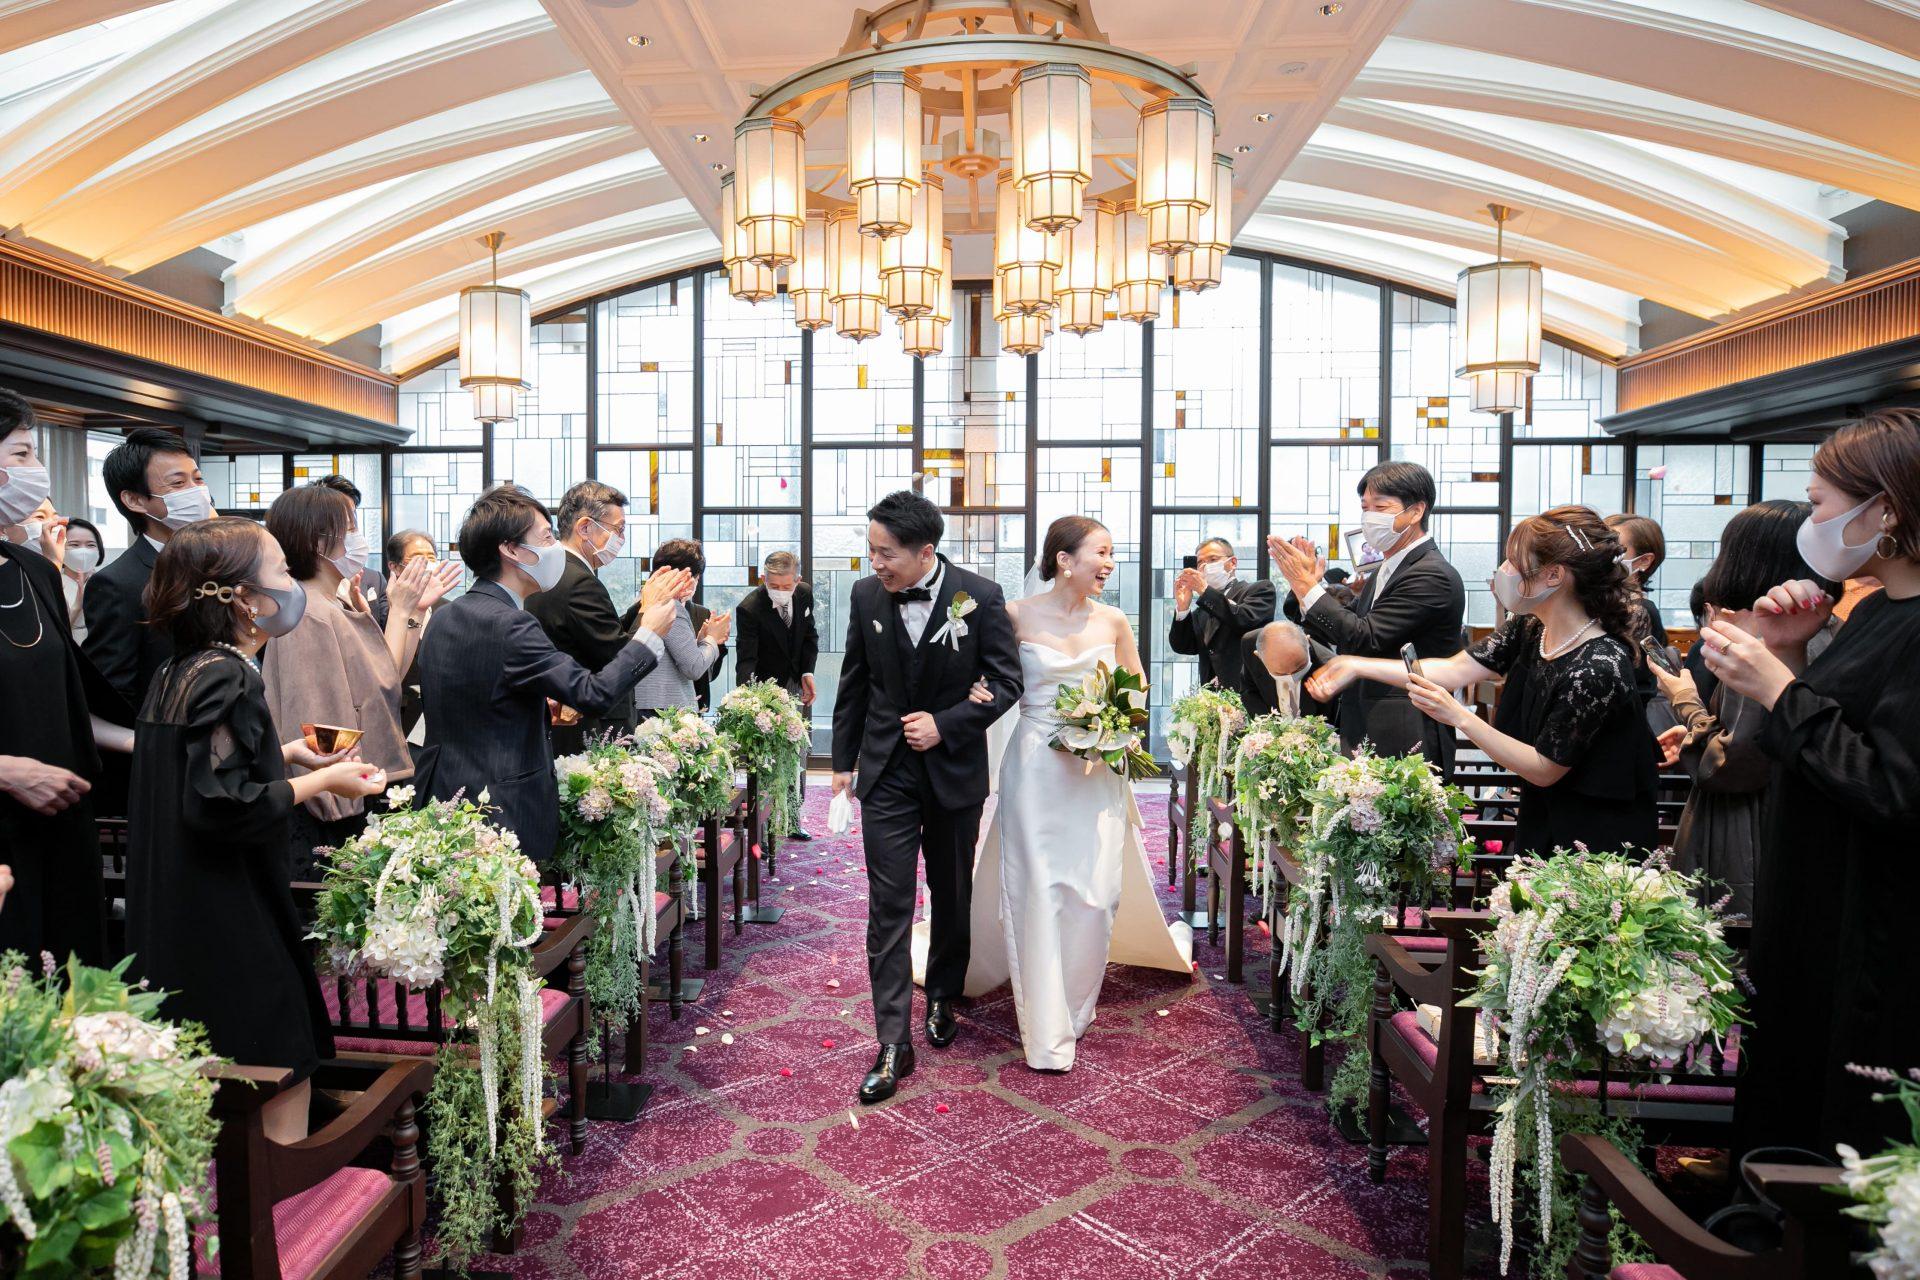 ザ・コンダーハウスのステンドグラスが素敵なチャペルでお召しいただきたいMonique Lhuillierのスレンダーラインのサテンのウェディングドレス